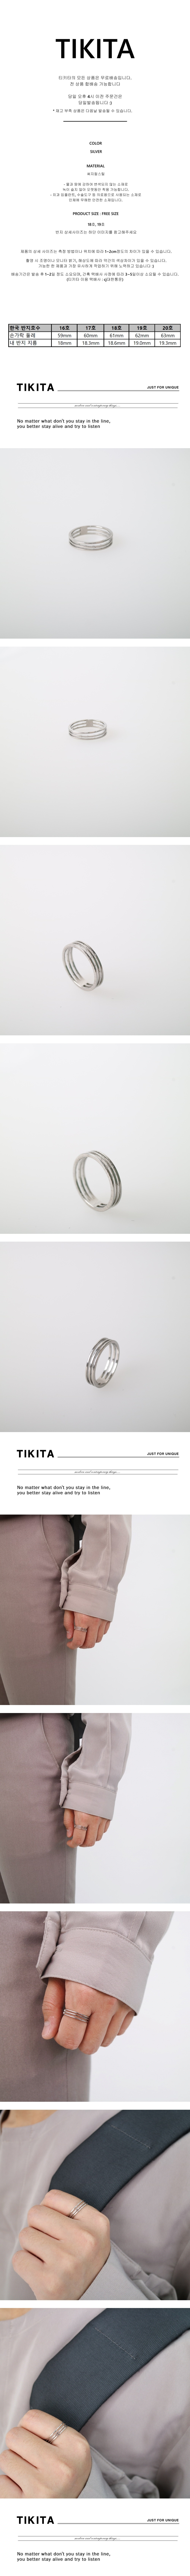 남자 반지 검지 써지컬스틸 레이어드 THREE LINE - 티키타, 29,000원, 남성주얼리, 반지